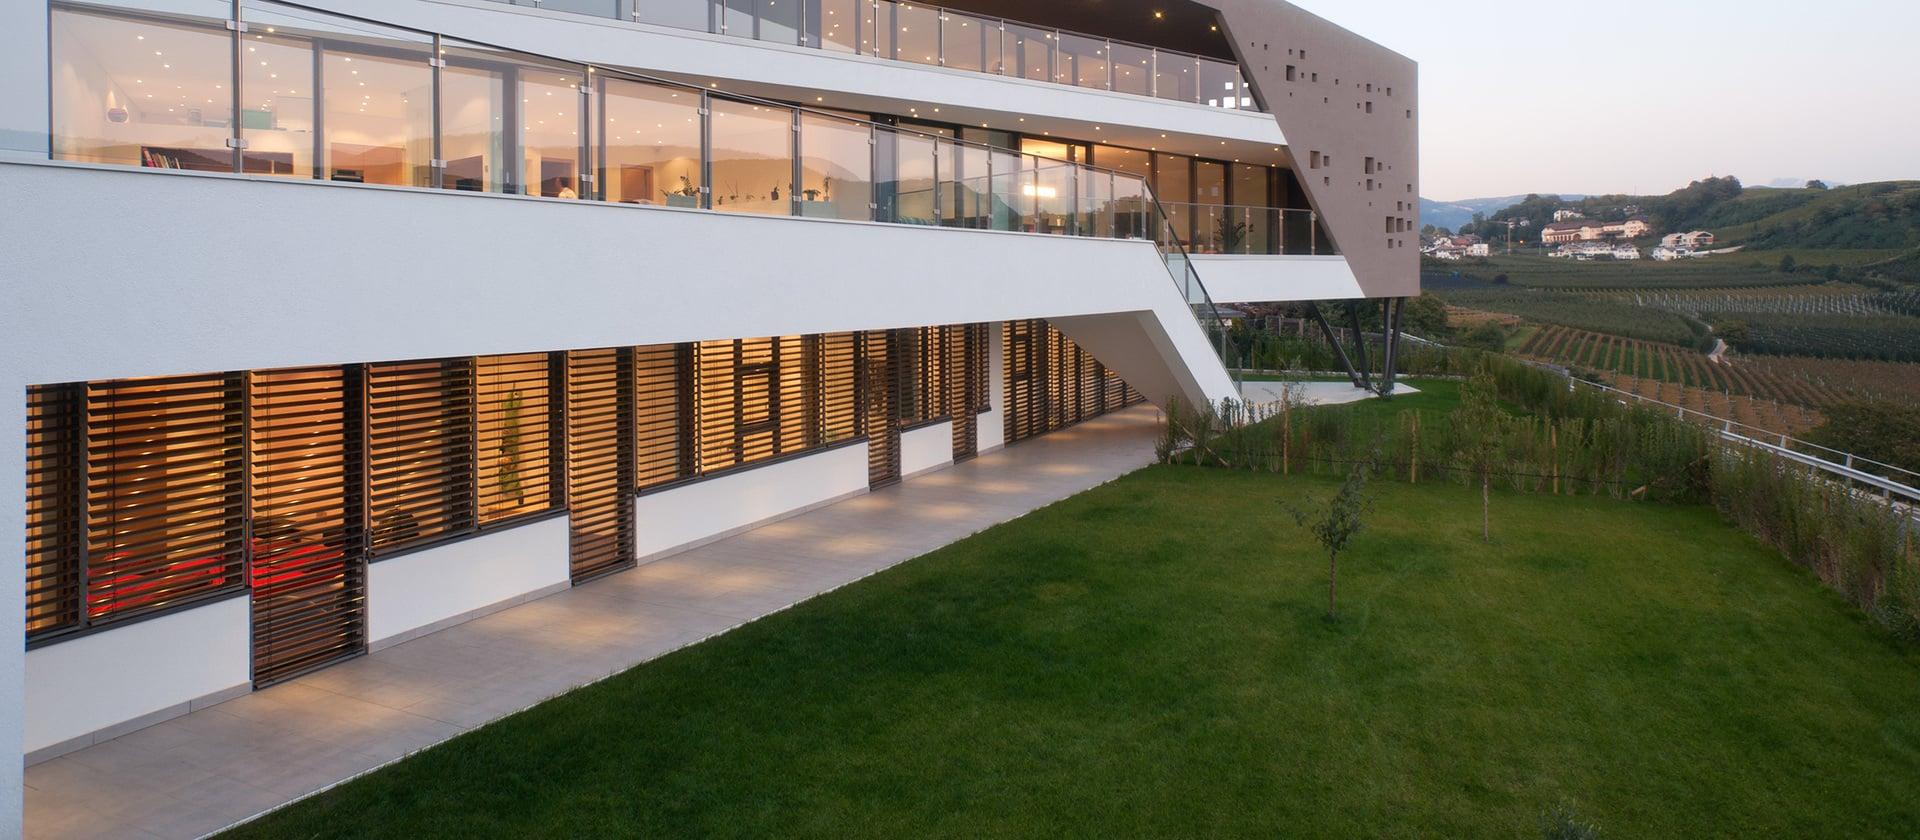 Seitenansicht eines Neubaus mit Aluminium-Fensterfront